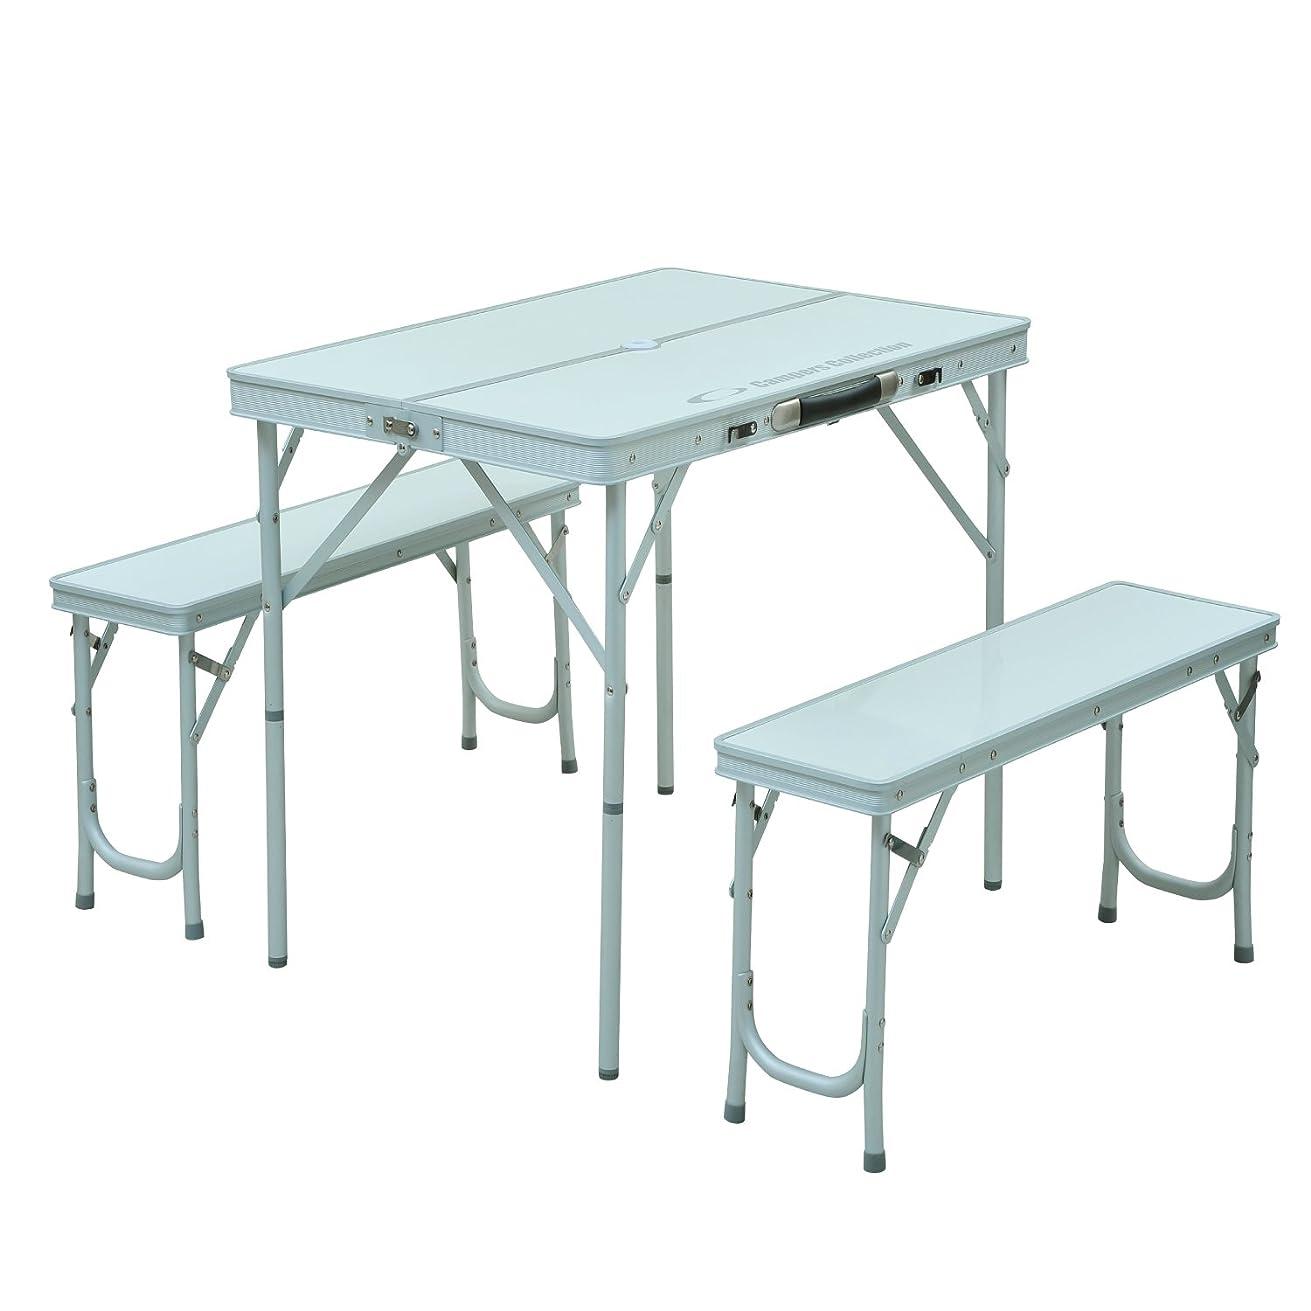 階段ぼかし検索キャプテンスタッグ テーブル グランツ DXアルミピクニックテーブル M-3724